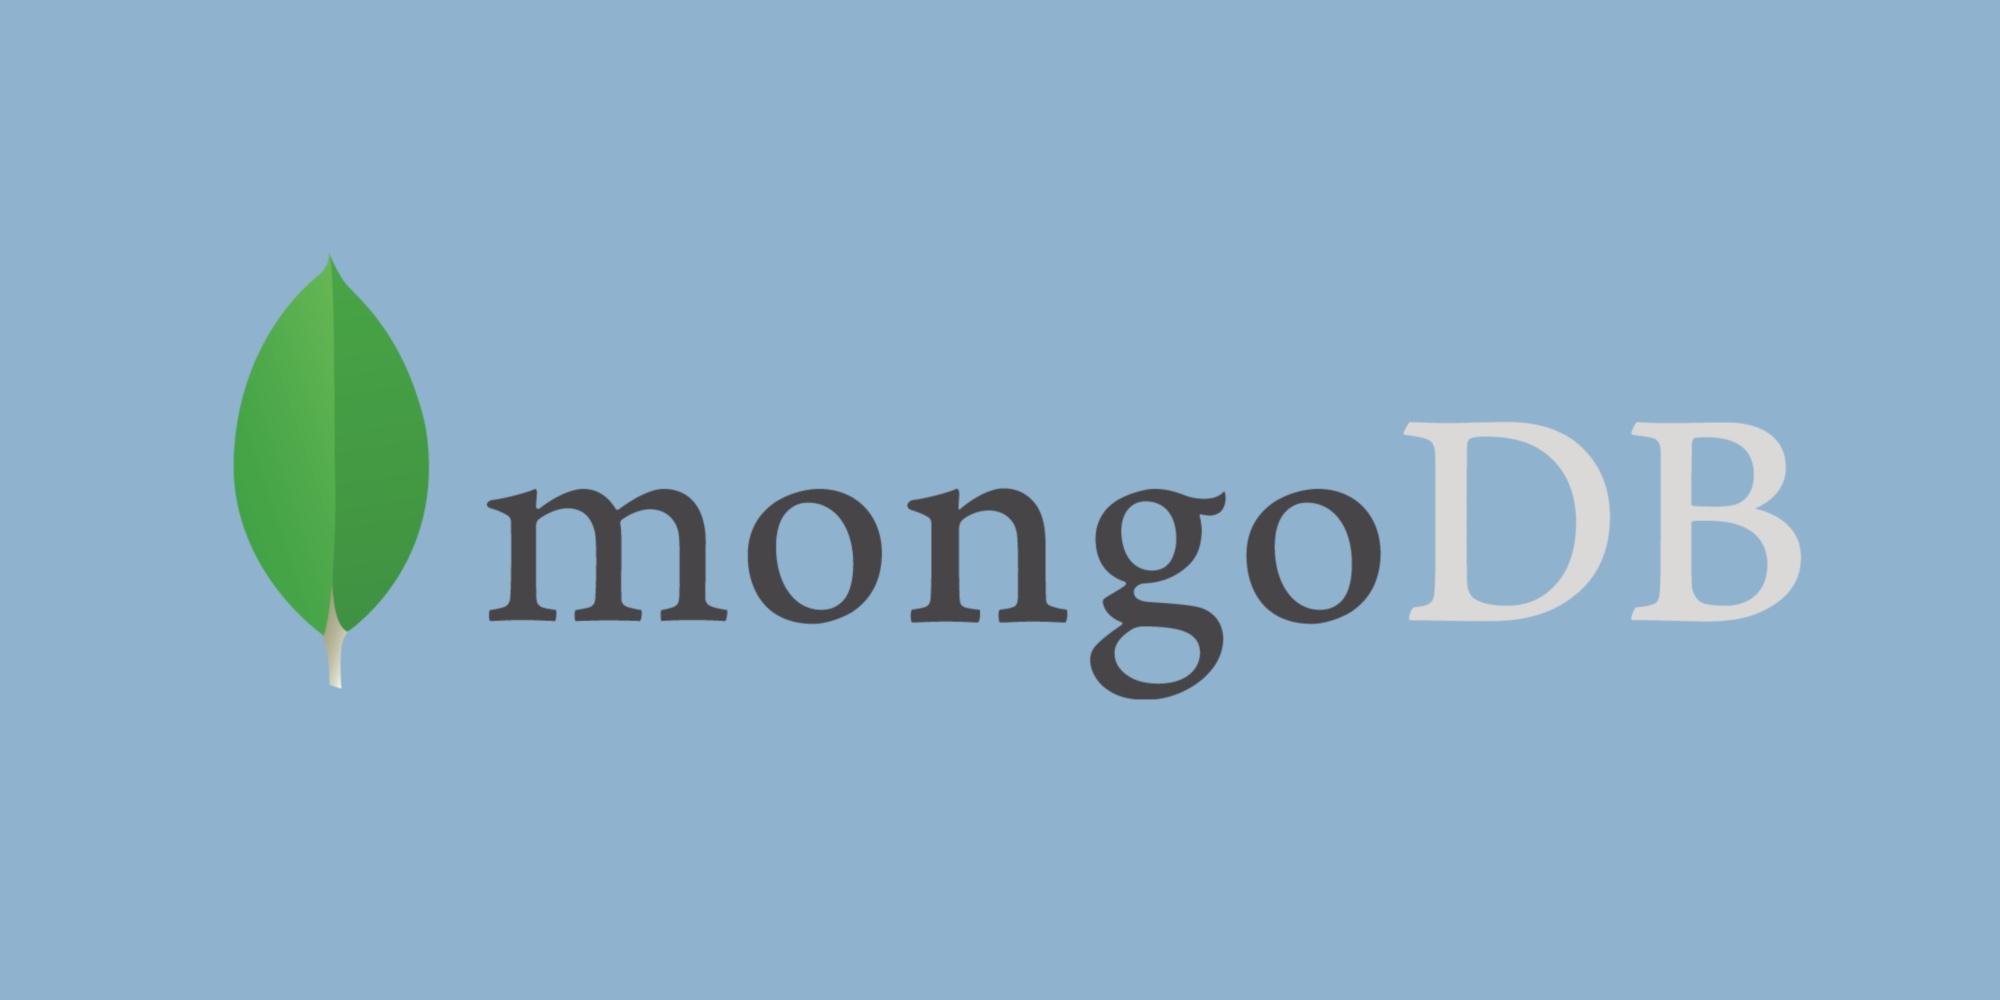 Встраивание или ссылки? Паттерны работы с MongoDB